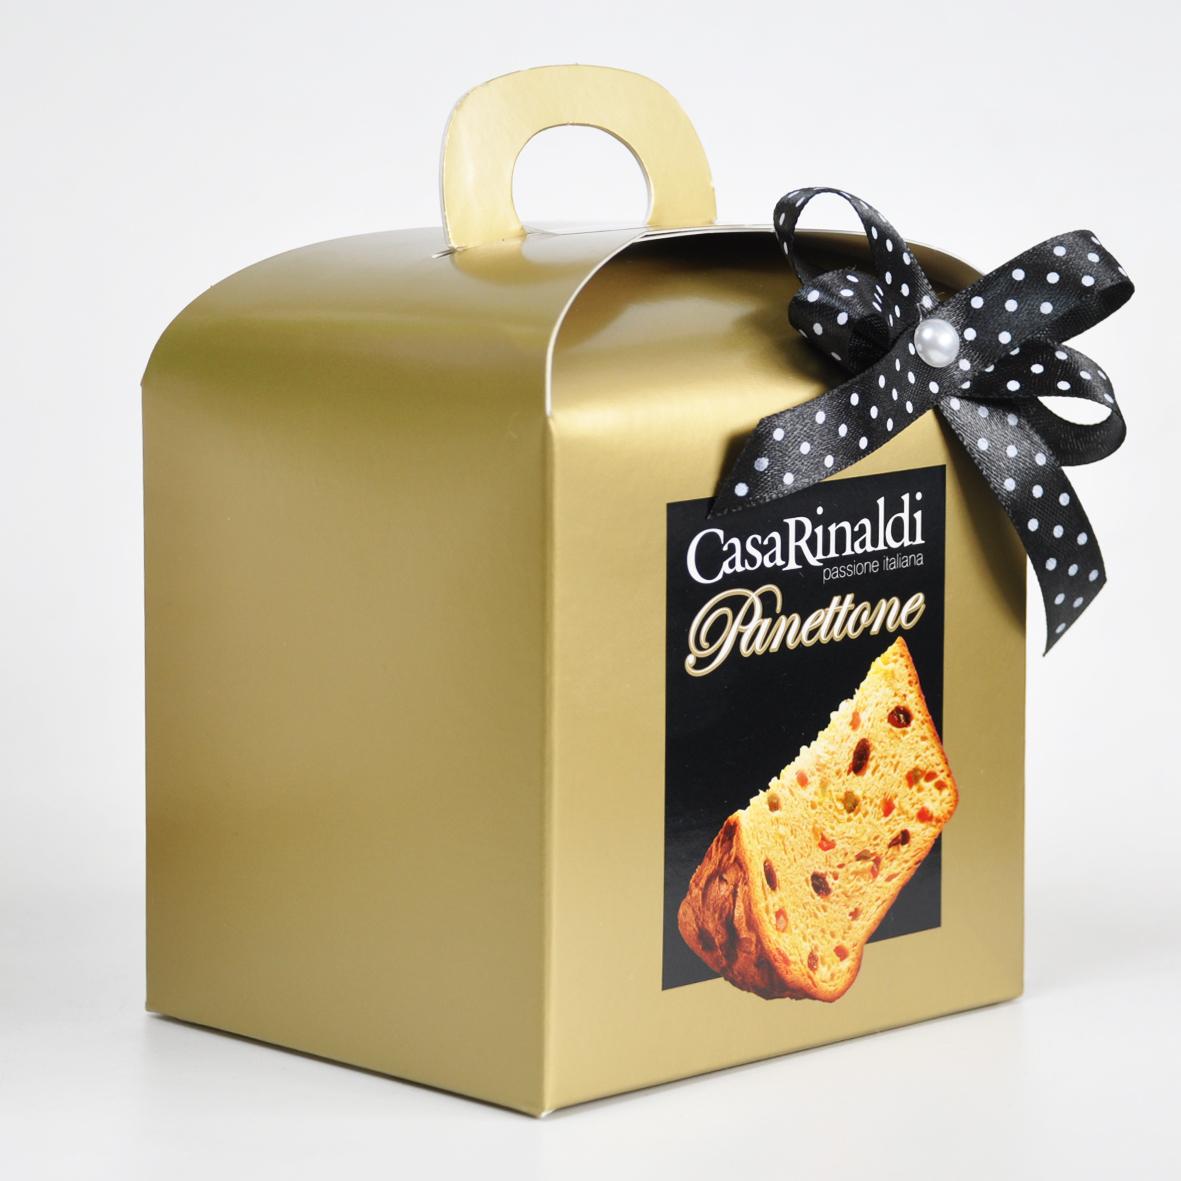 Кулич Casa Rinald Классический 100 г (золотая коробка)